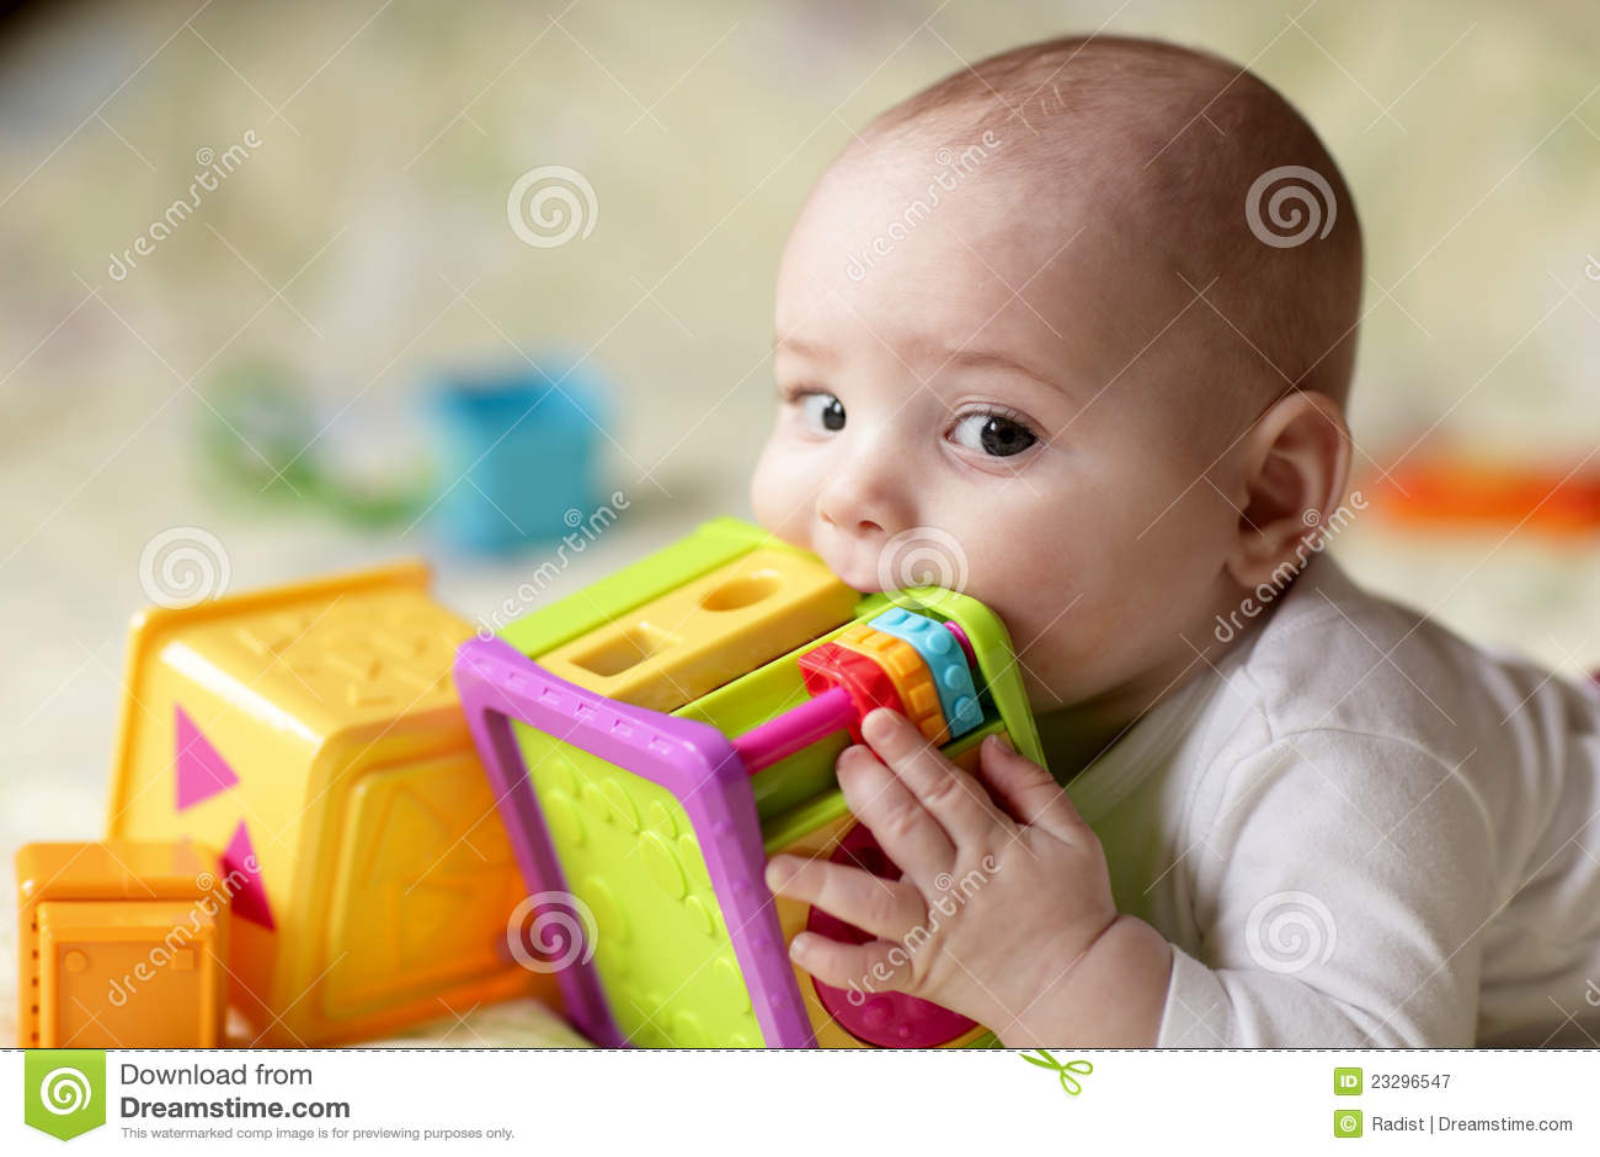 Chłopiec zjadliwa zabawka